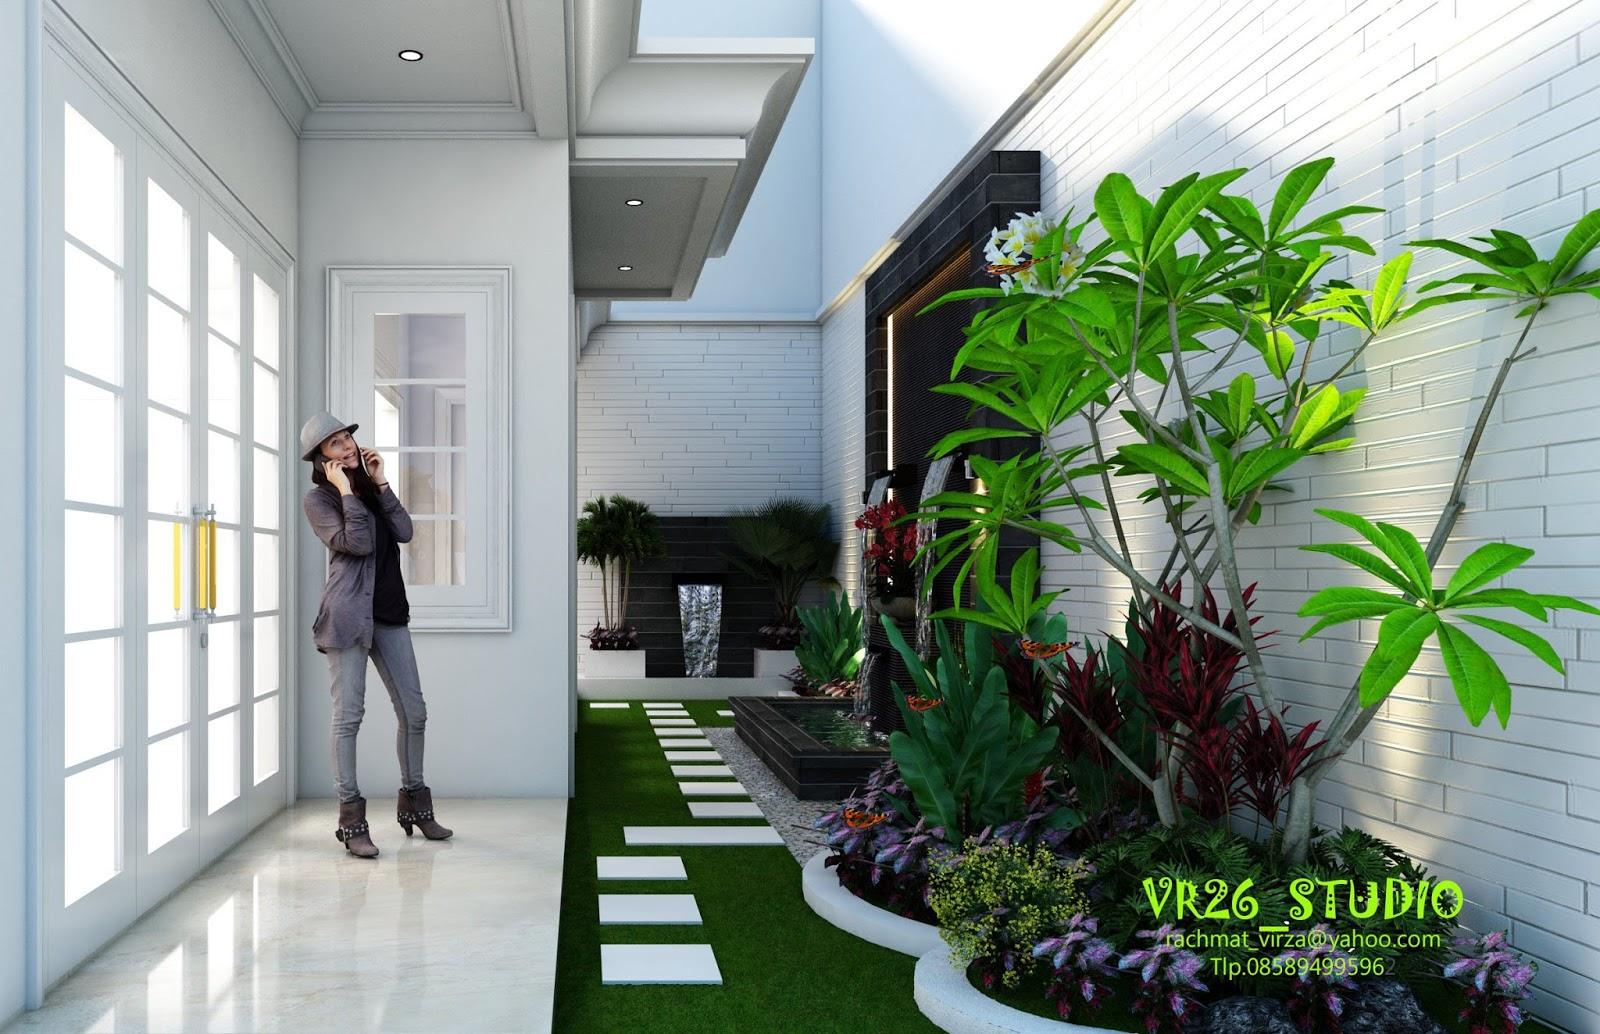 Desain Interior Taman Didalam Rumah Gambar Desain Rumah Minimalis